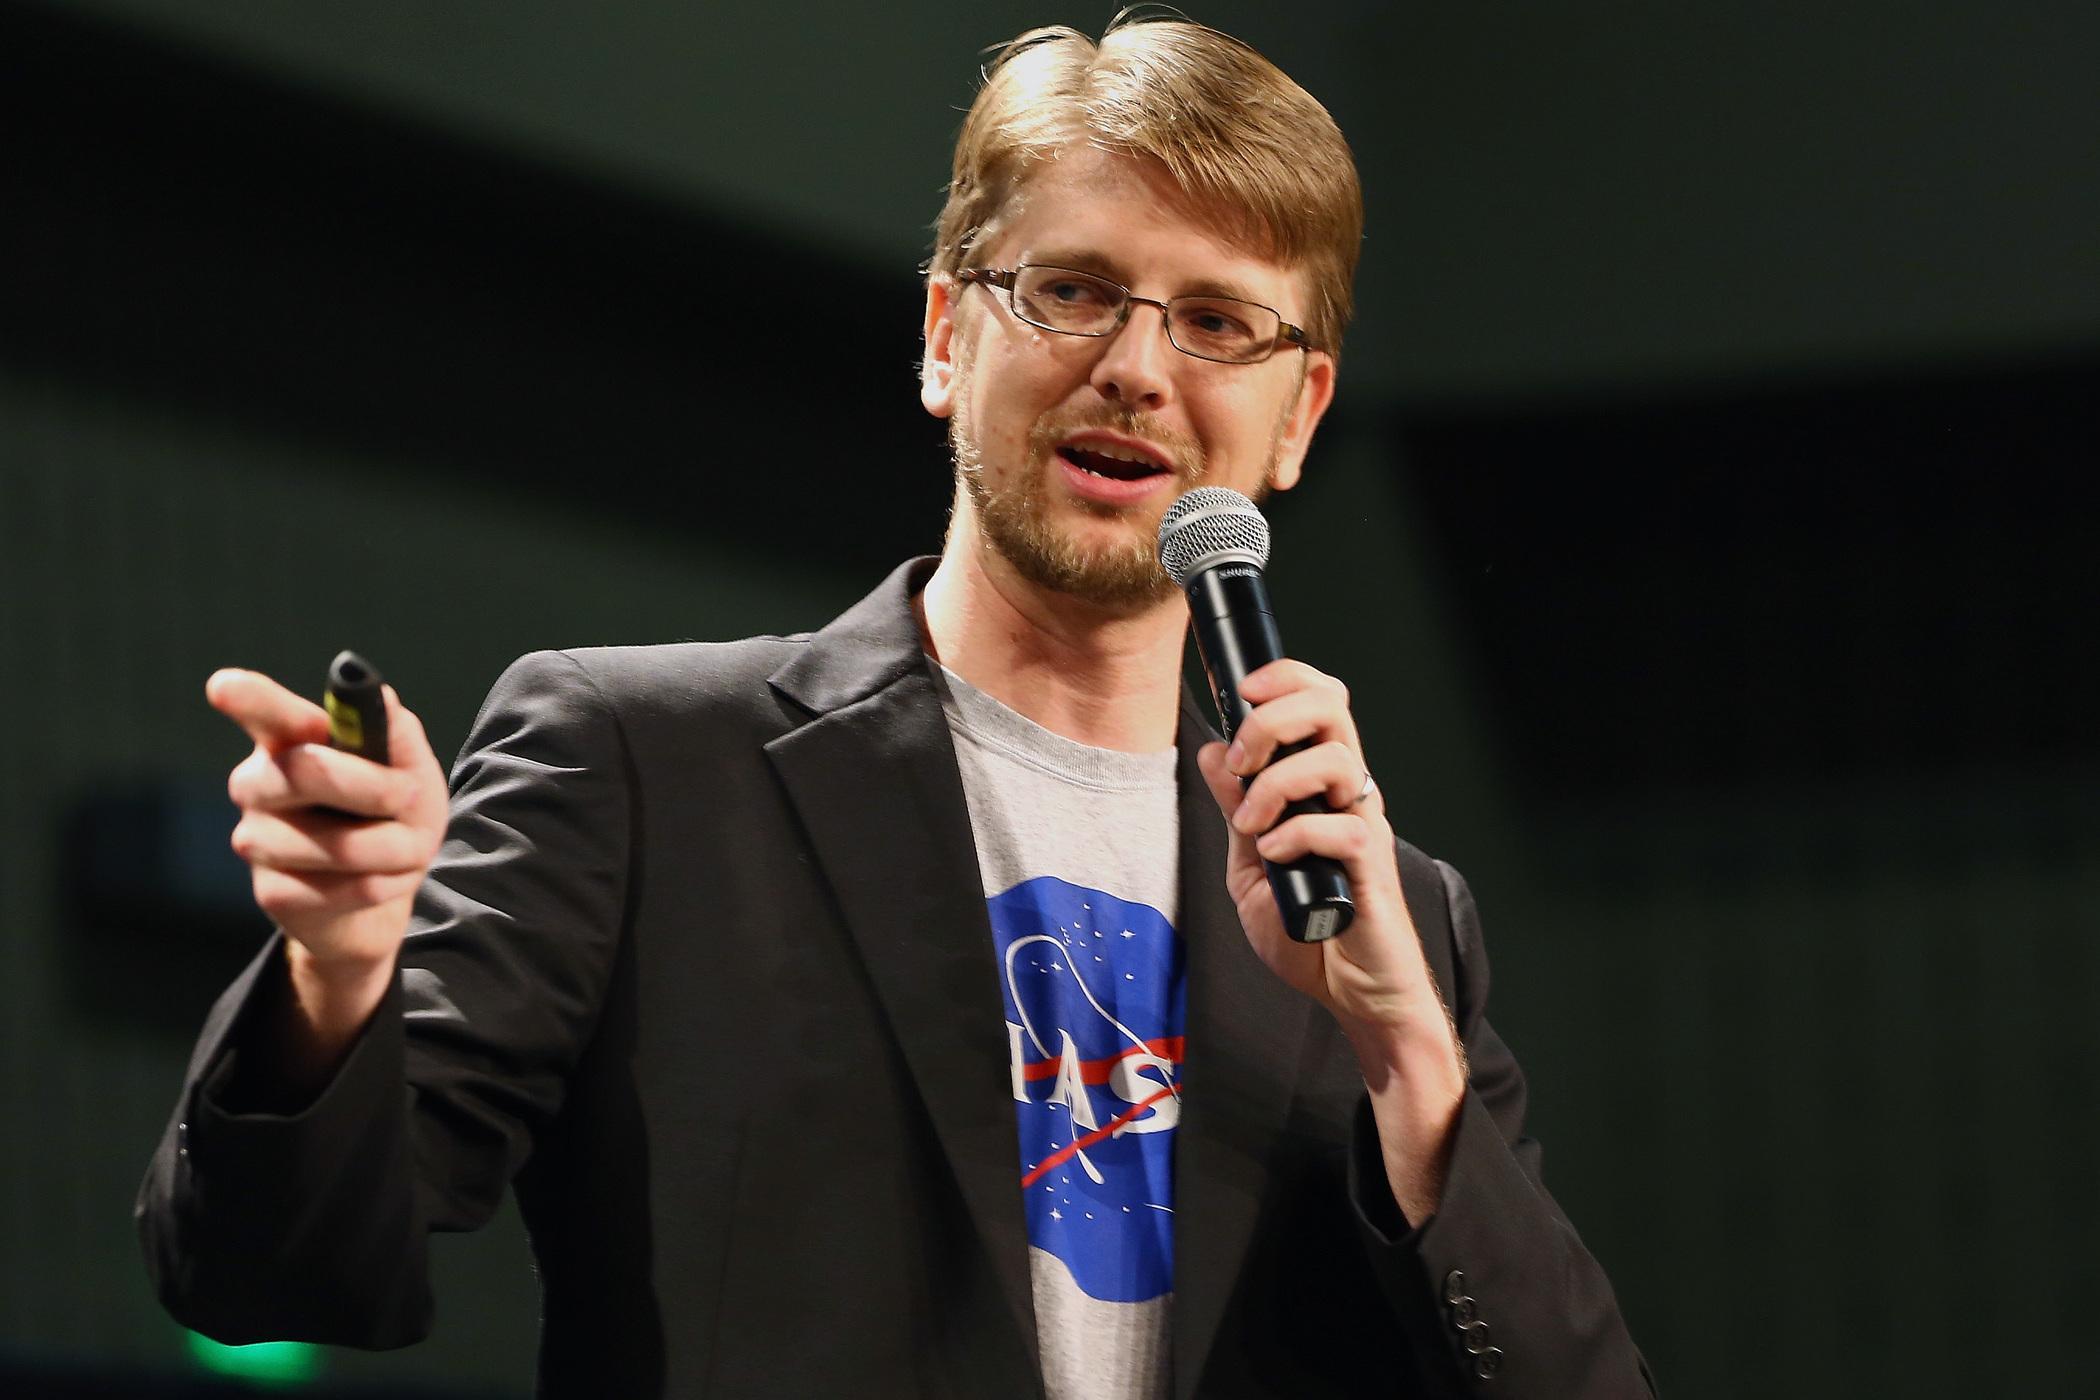 苹果为AR项目广招人才:NASA工程师都加盟了